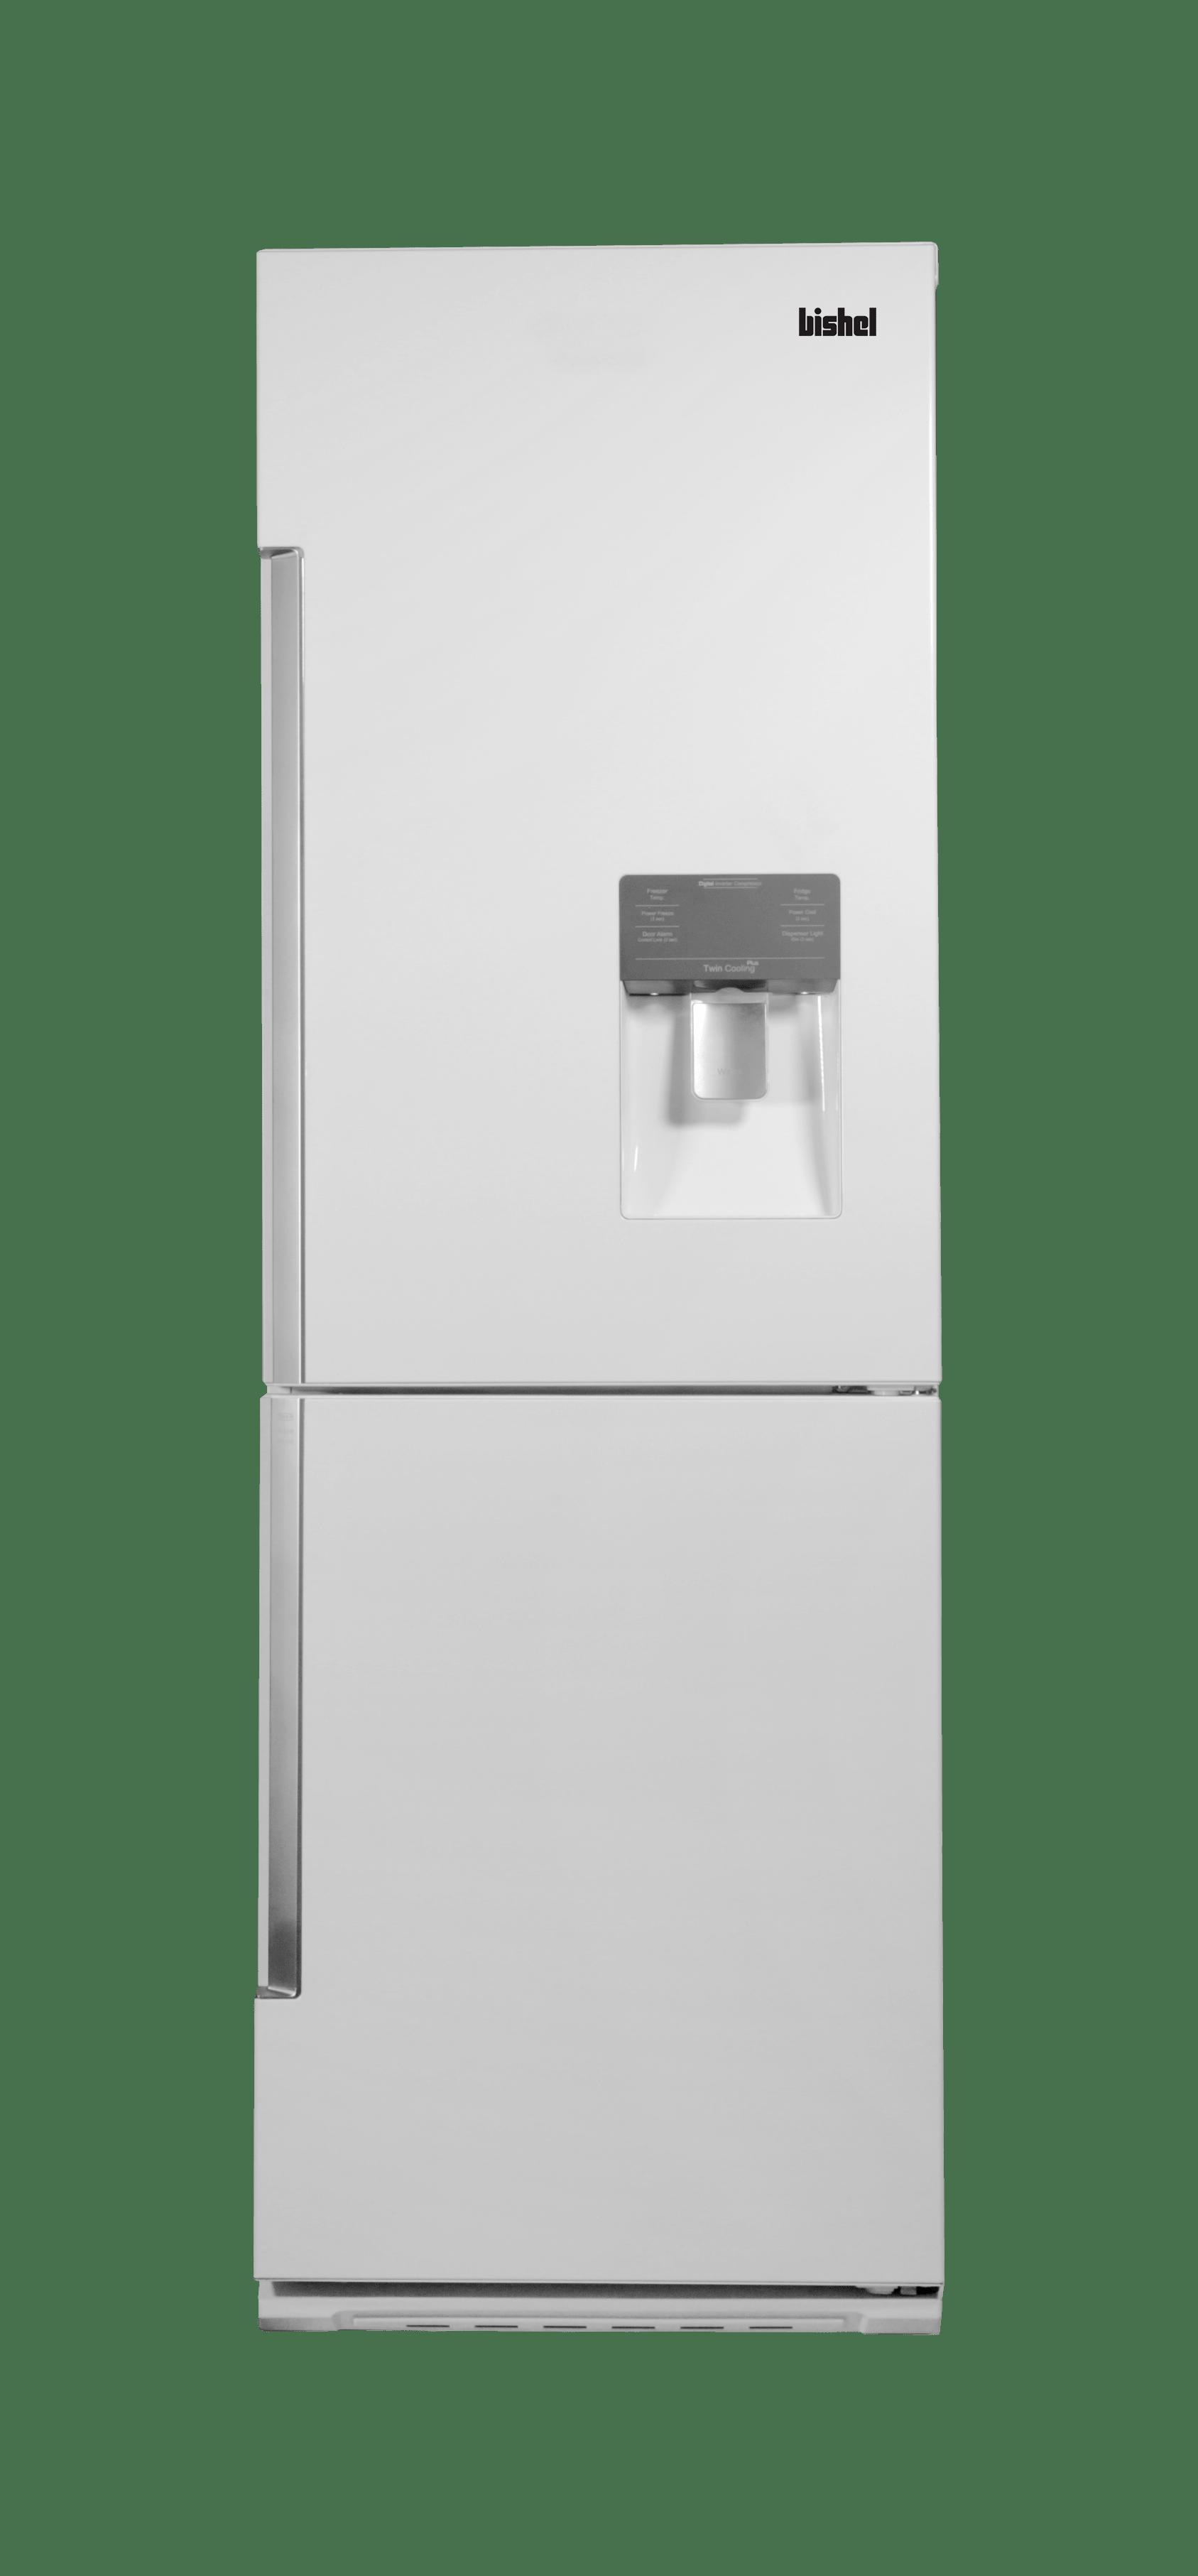 یخچال فریز بیشل مدل 503W